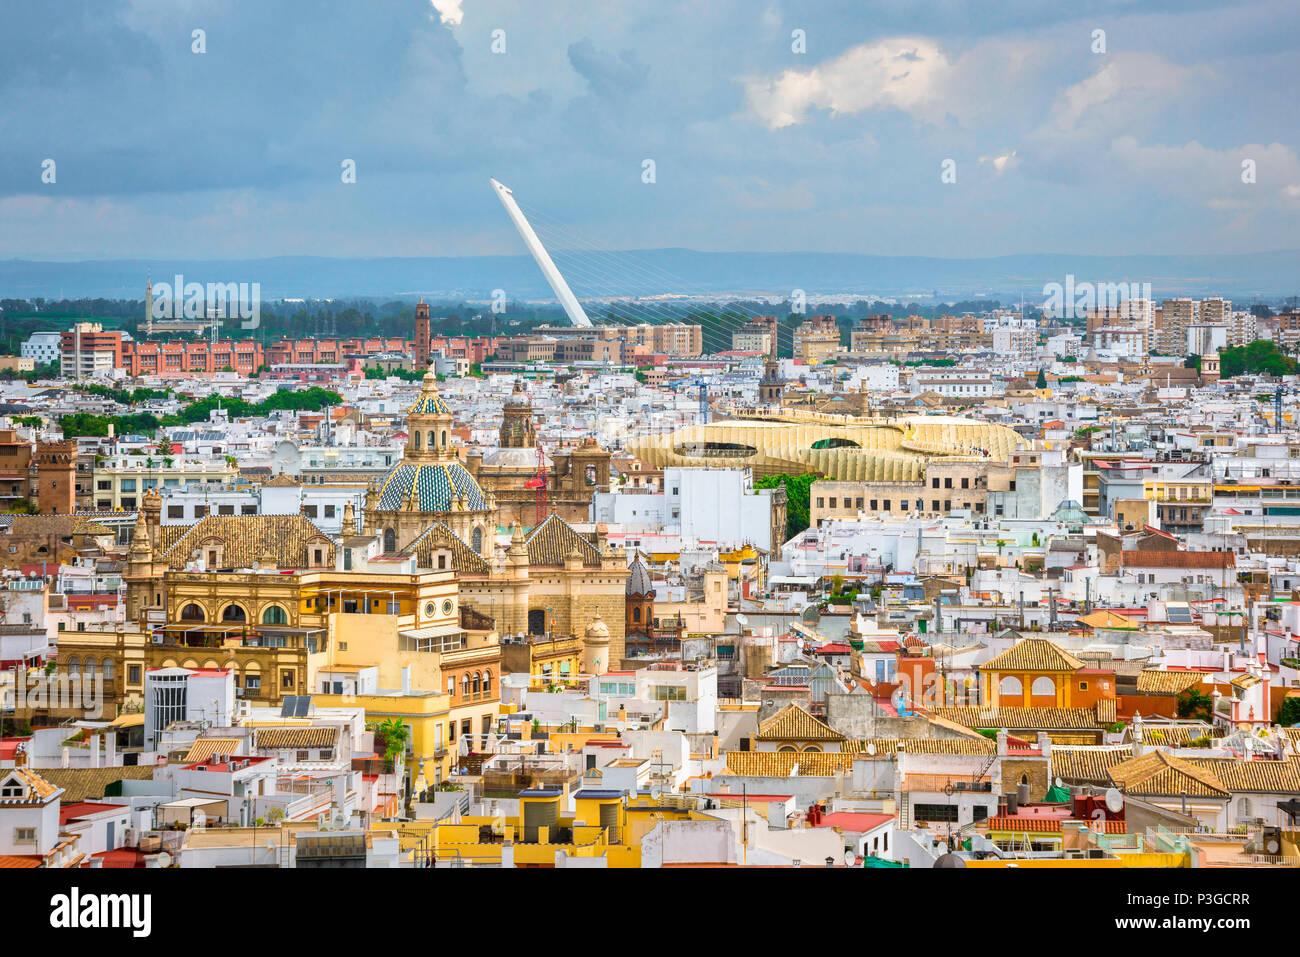 Sevilla Altstadt, luftbild der Altstadt von Sevilla (Sevilla) mit Las Setas und die Puente del Alamillo in der Ferne, Spanien sichtbar. Stockbild